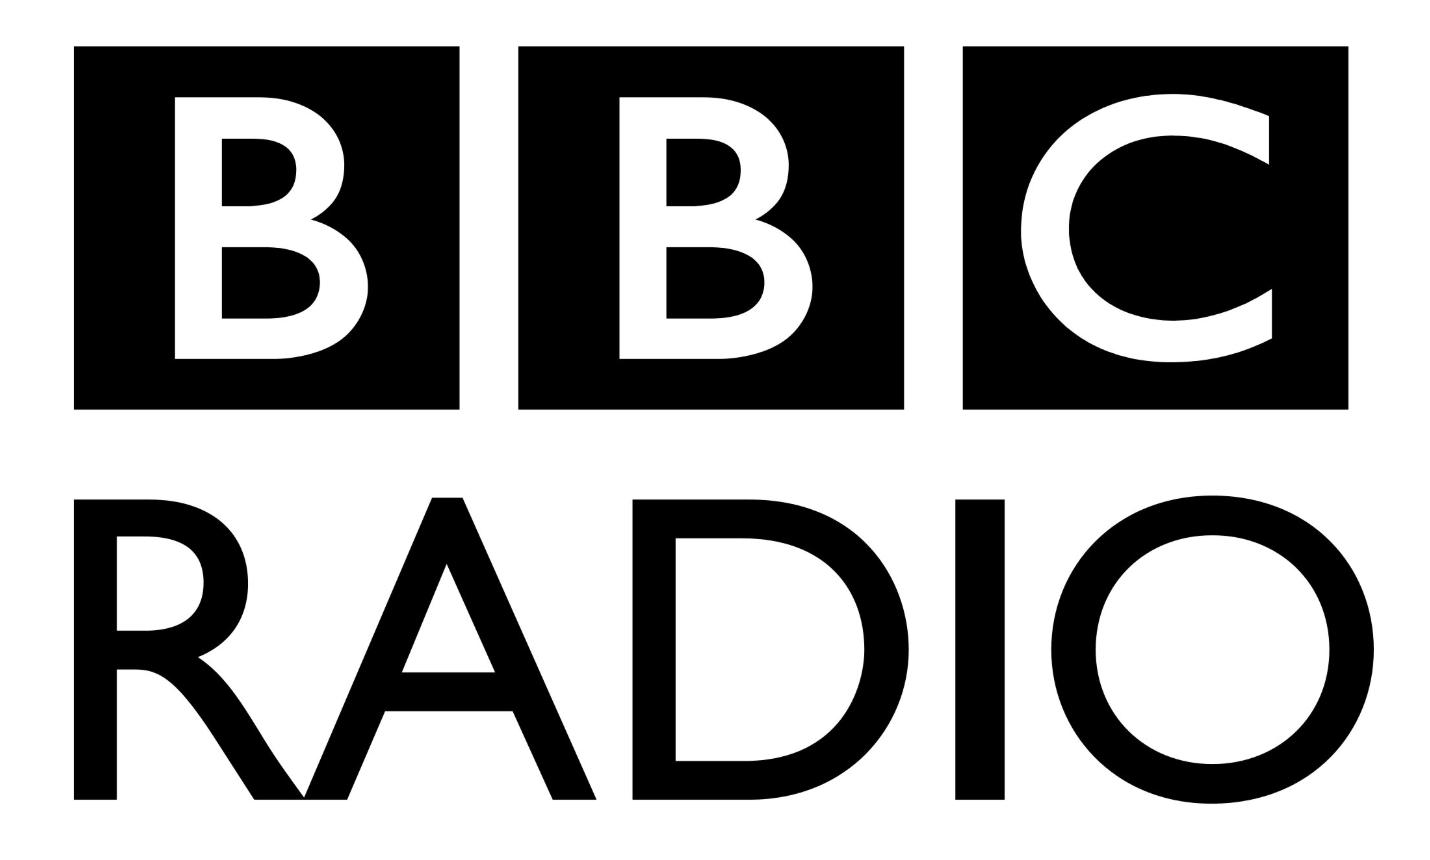 Les audiences des radios de la BBC